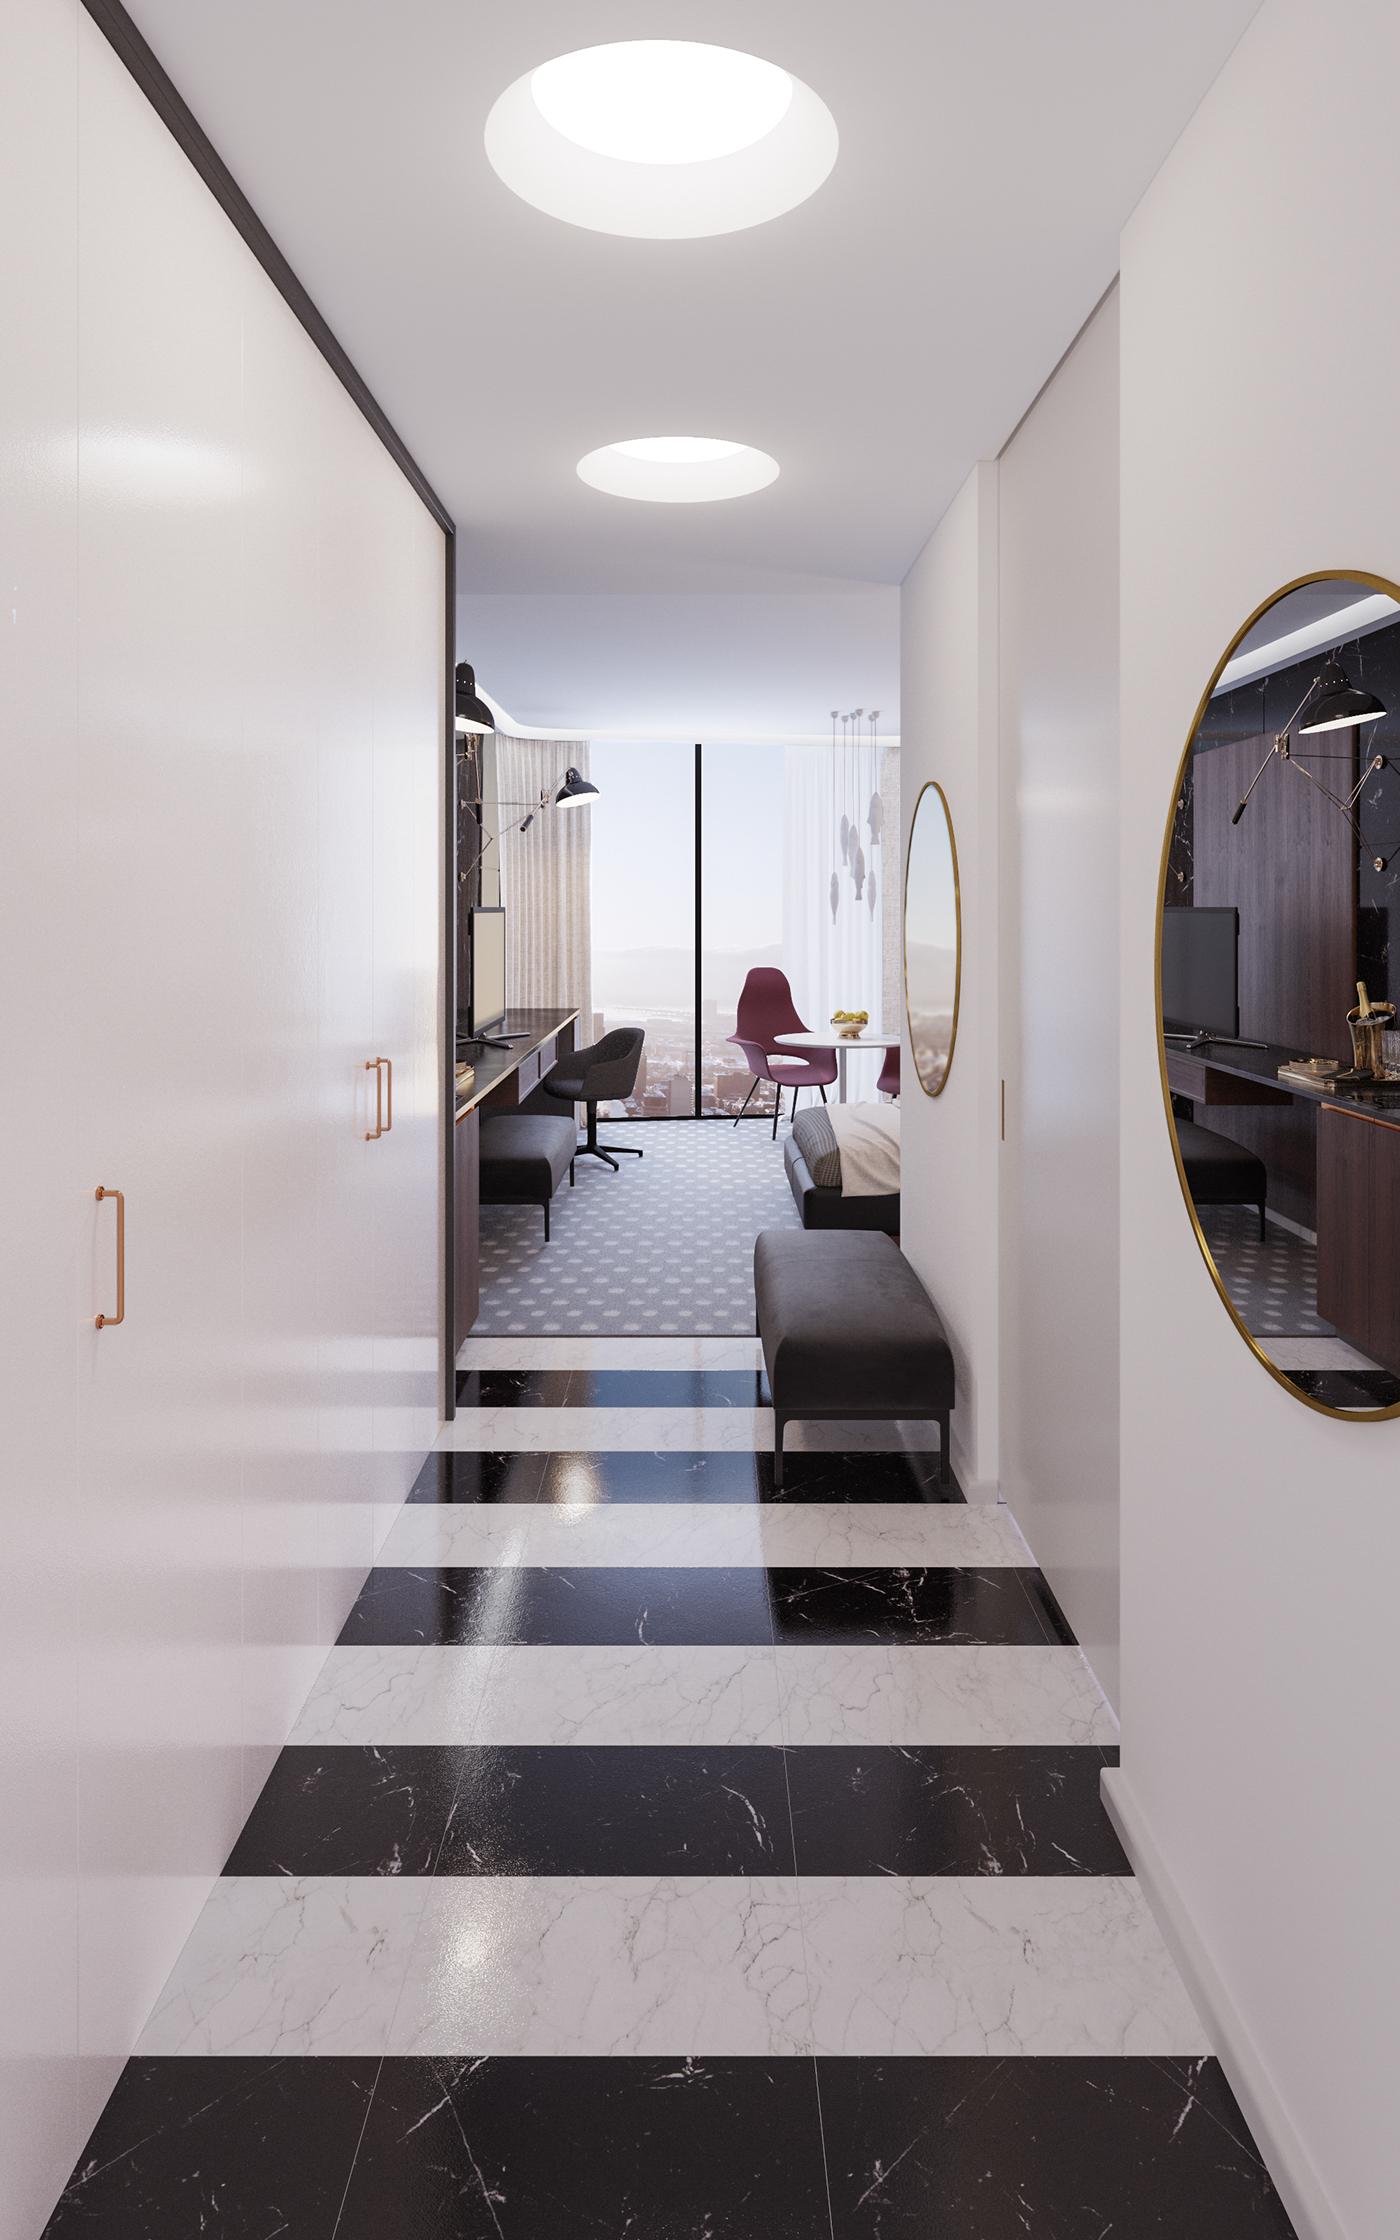 Роскошная квартира Роскошная квартира Роскошная квартира от дизайнера Ольги Ермолиной 71738134905039